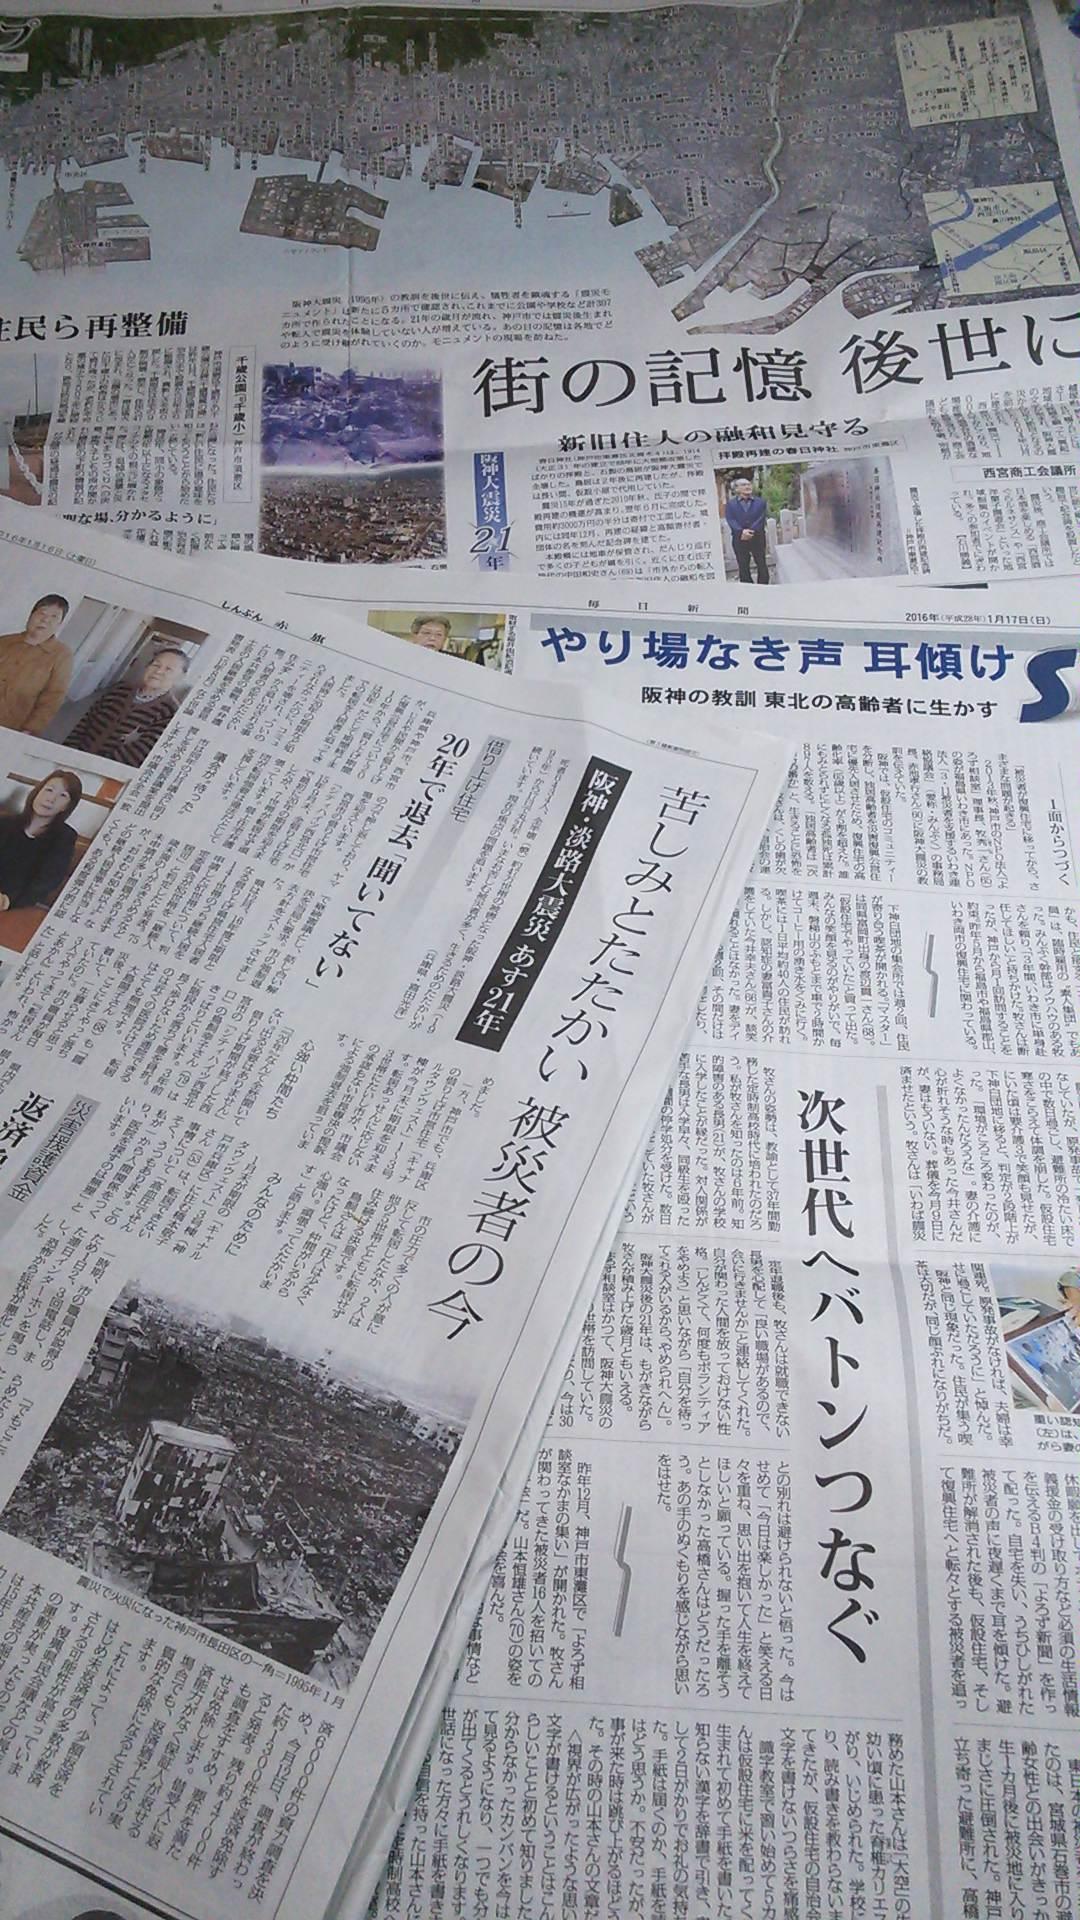 阪神淡路大震災から21年